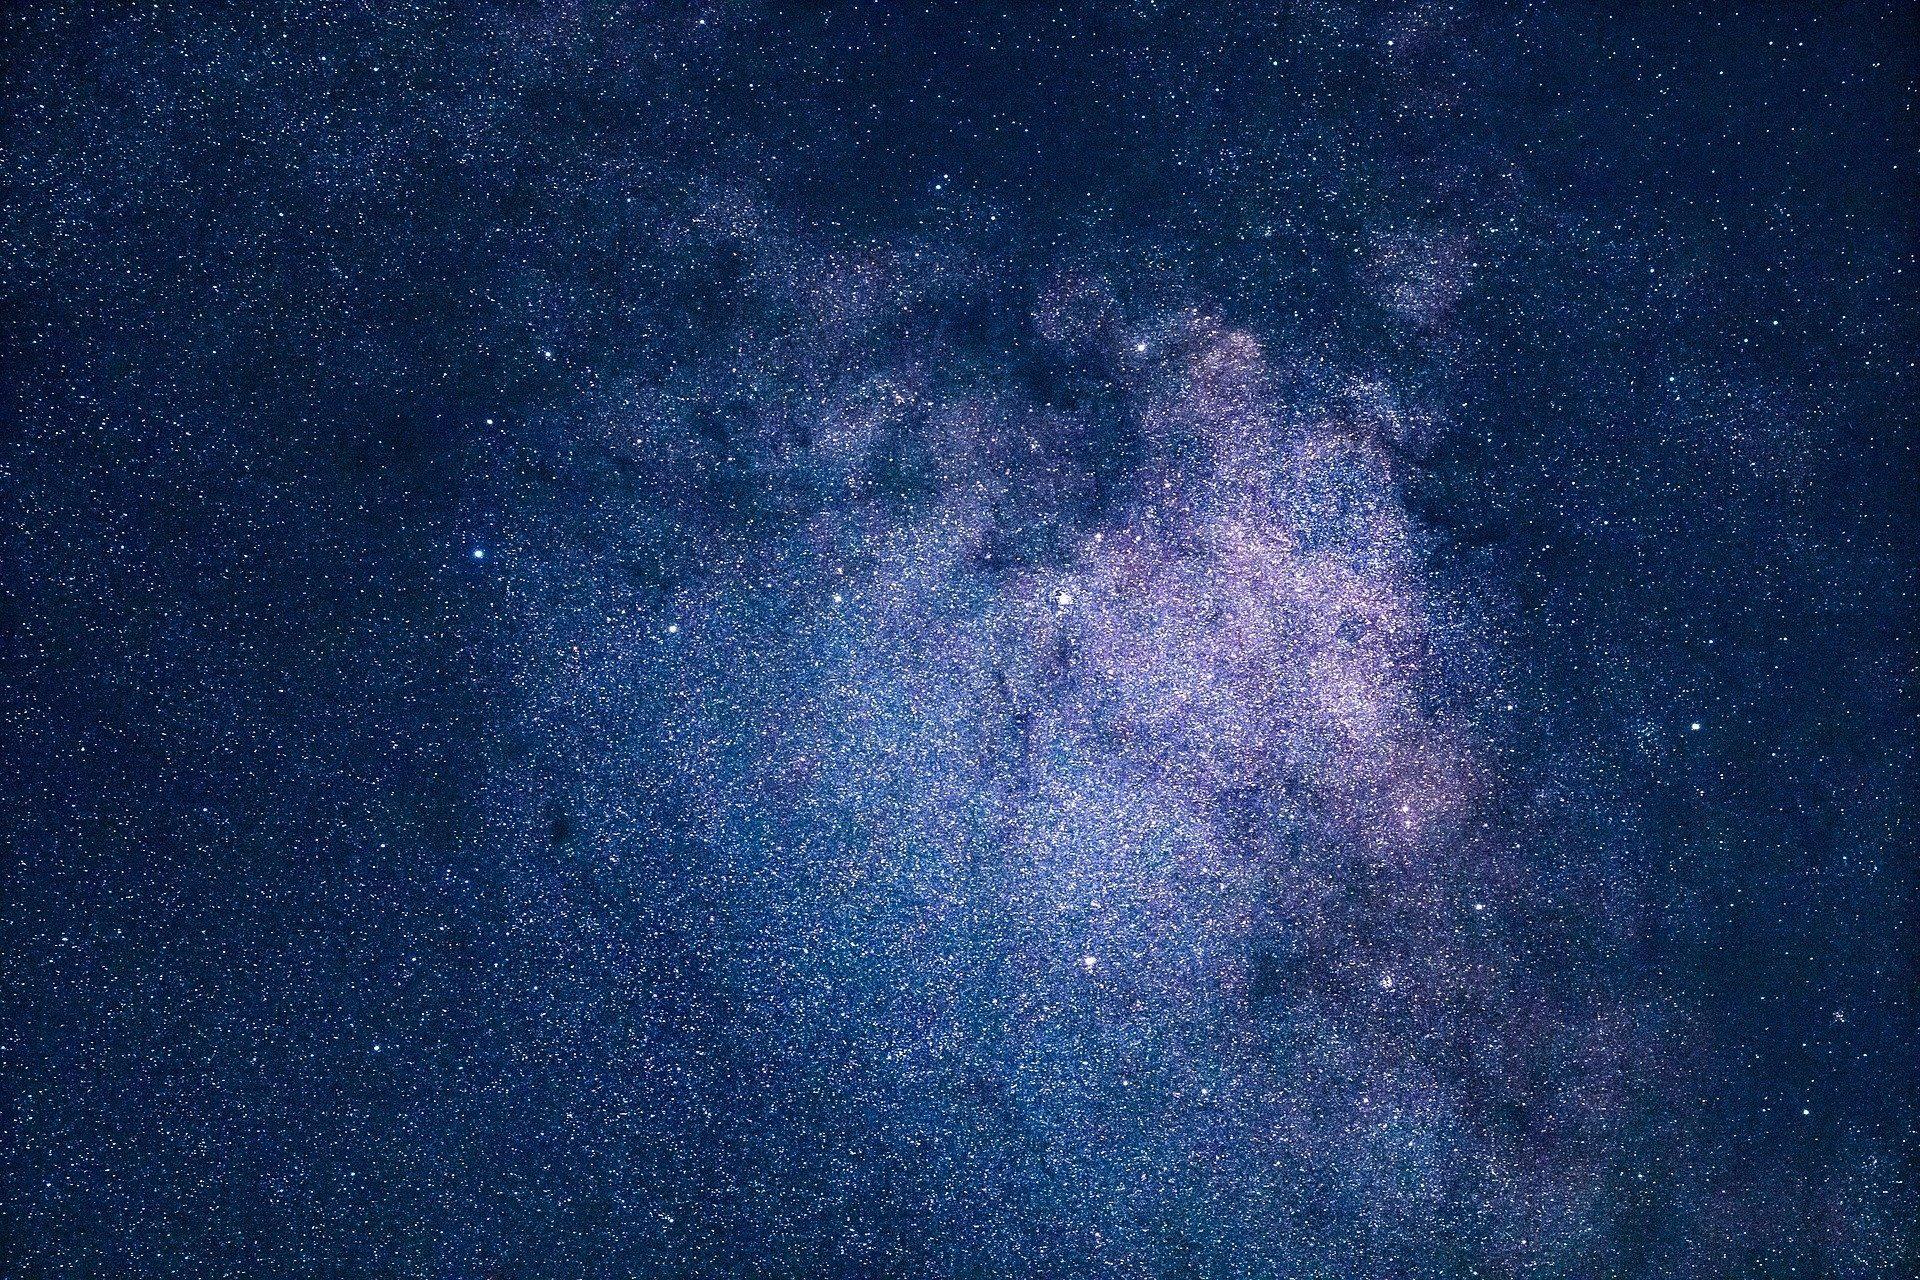 На планетах вокруг соседней звезды возможна жизнь